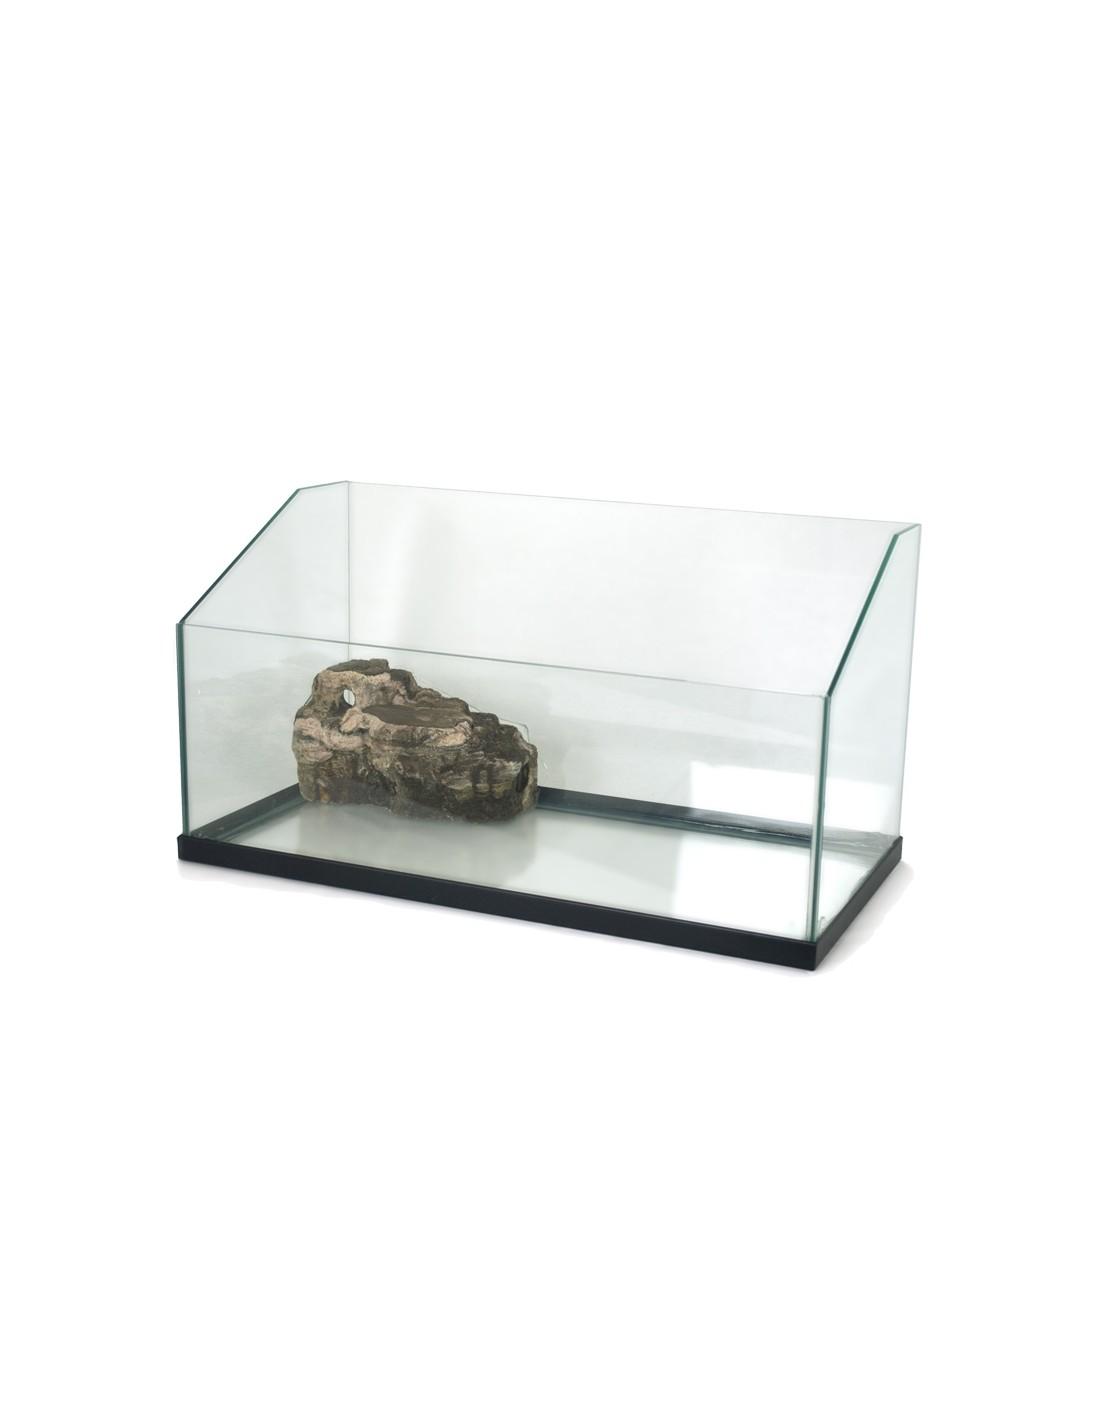 Tartarughiera in vetro con roccia for Tartarughiera grande vetro